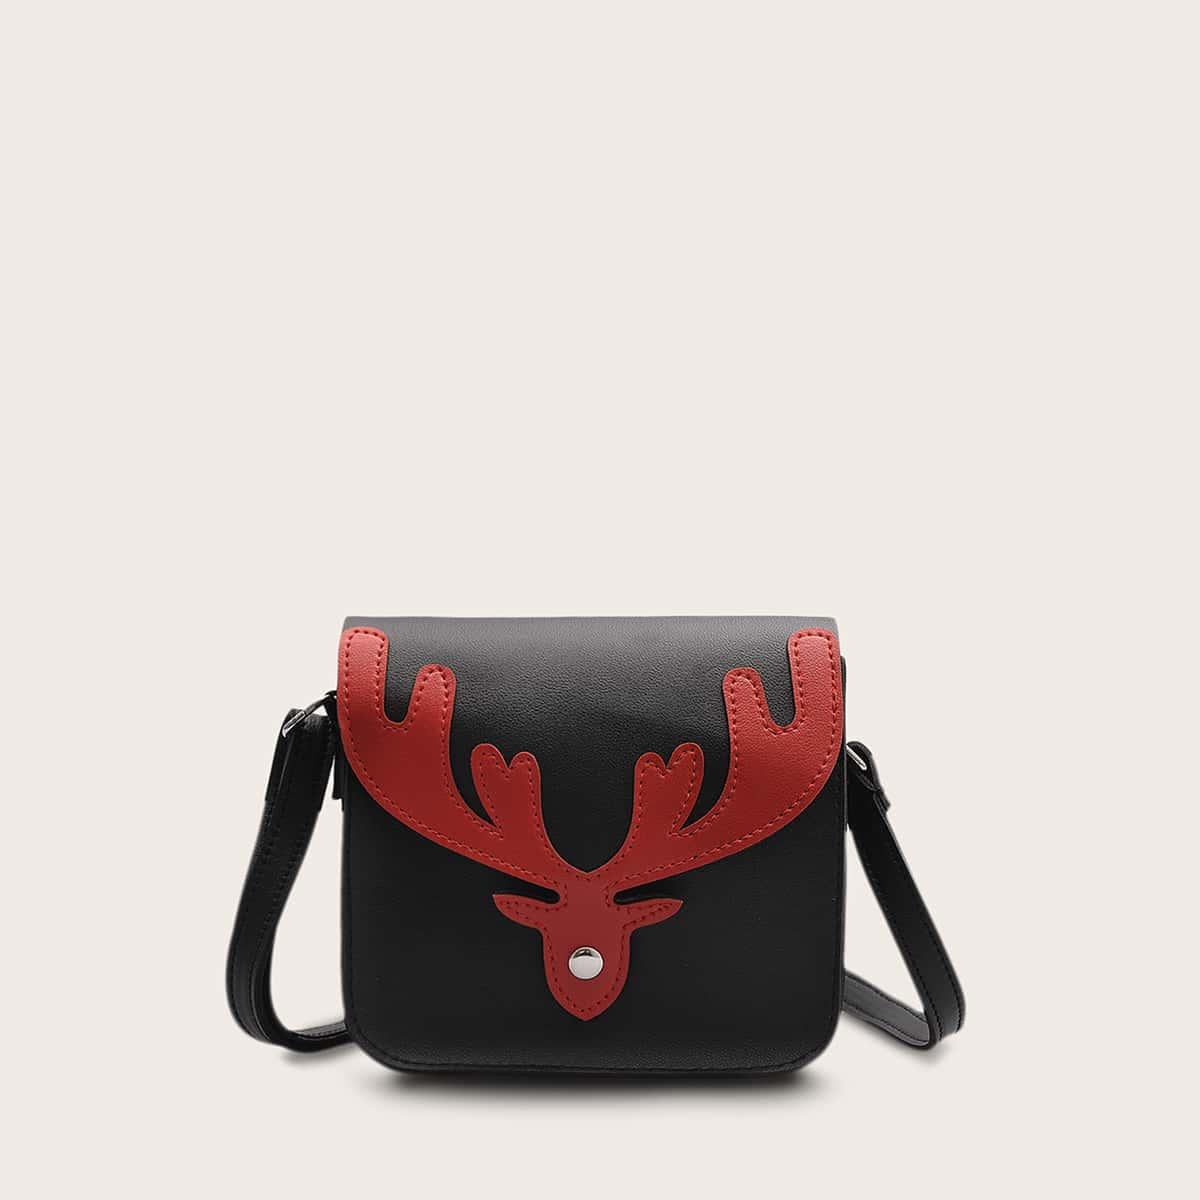 Deer Graphic Flap Crossbody Bag